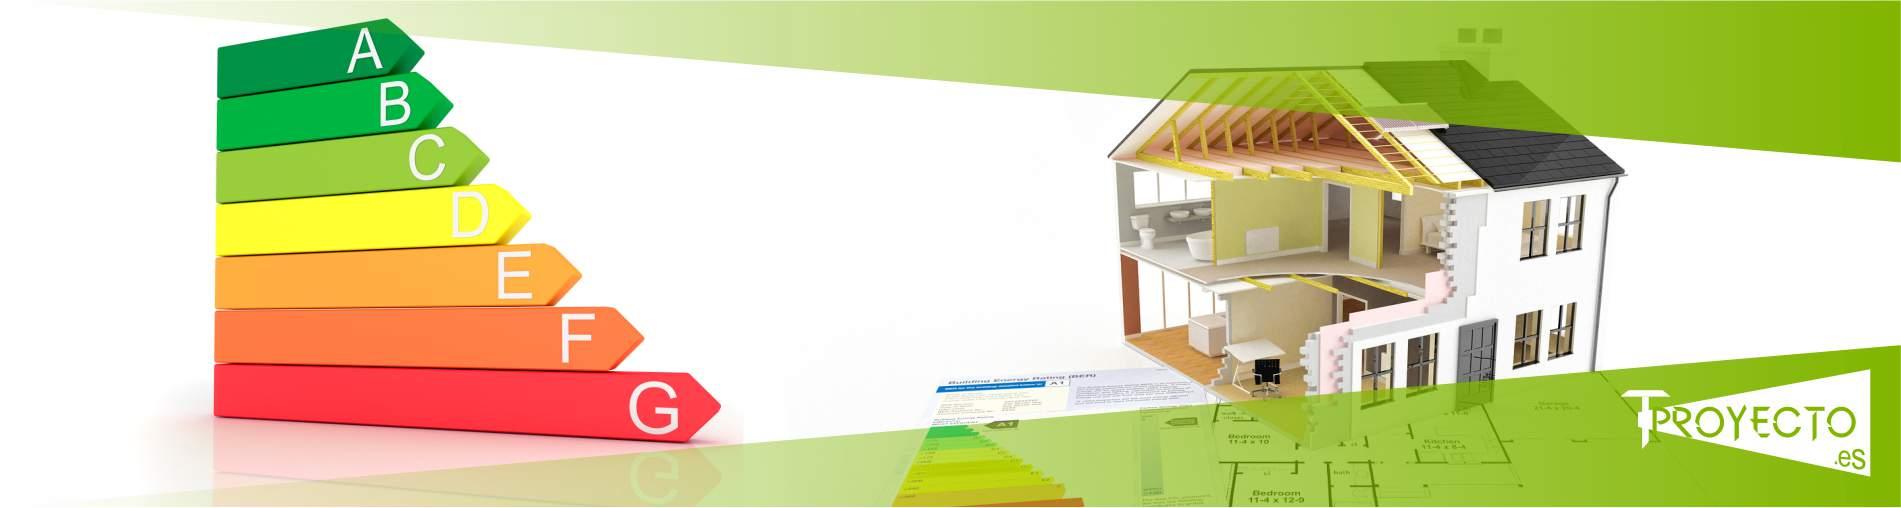 Tproyecto - Certificados energeticos cordoba